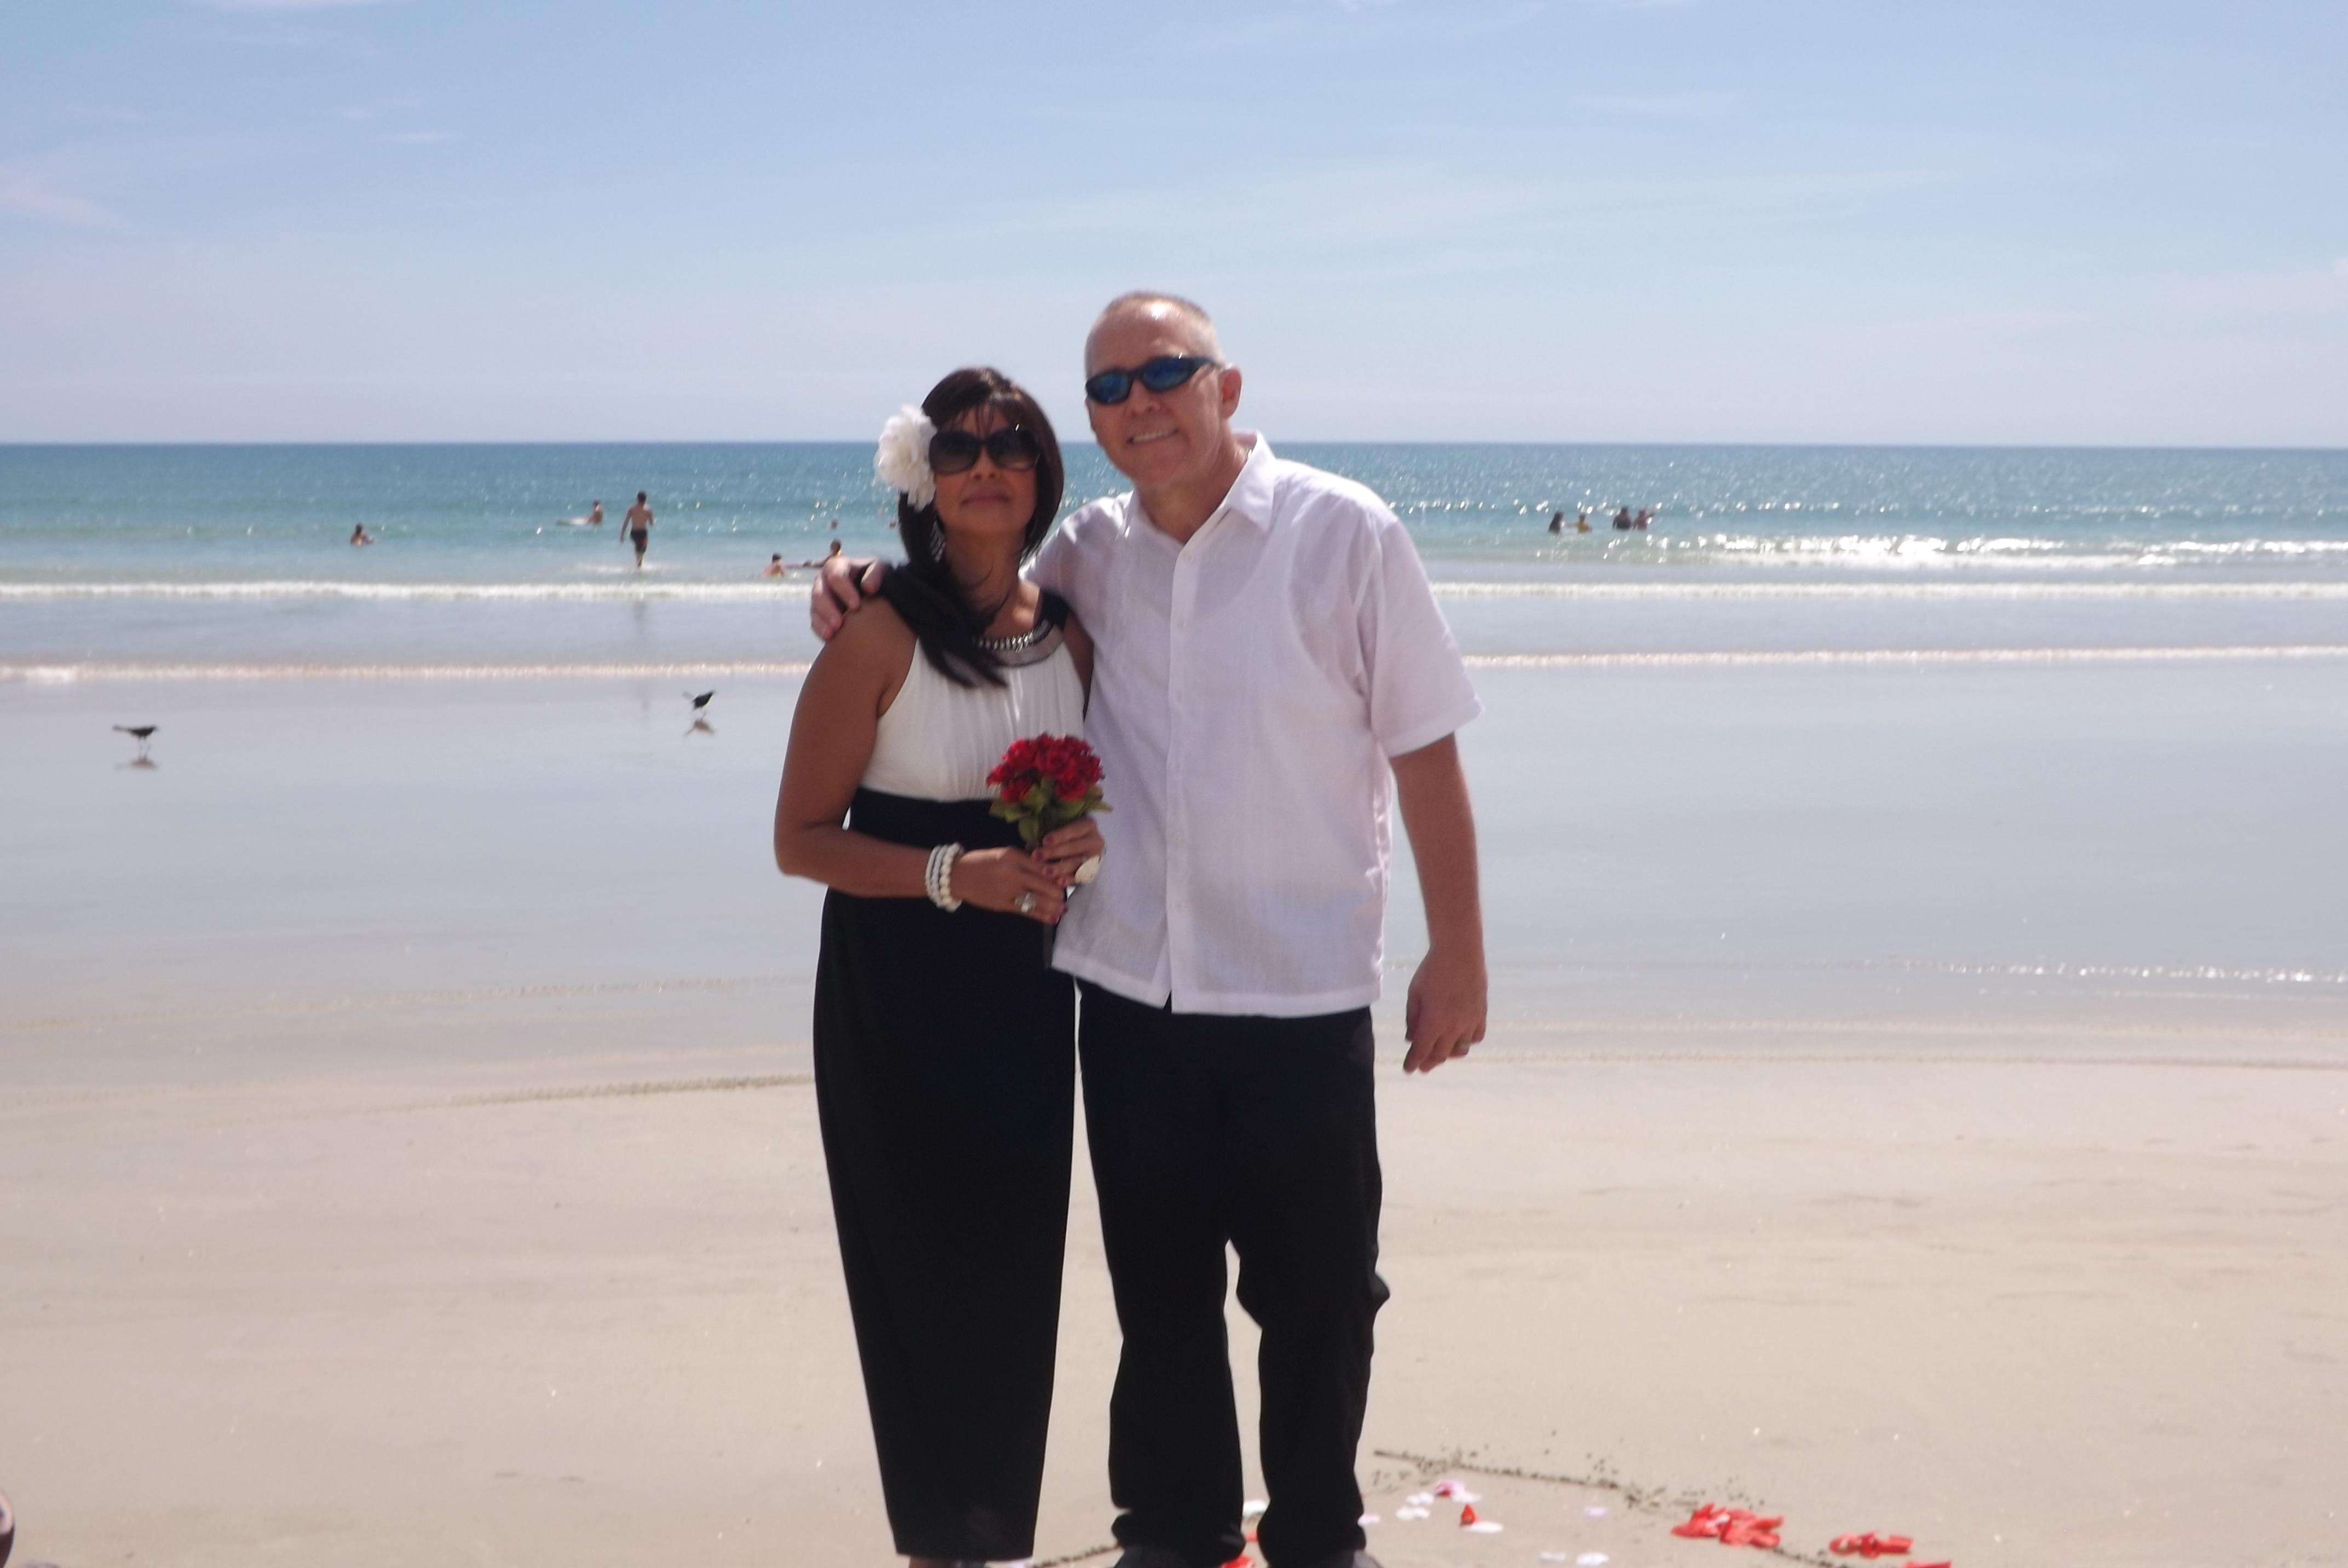 Ormond Beach Wedding Vows